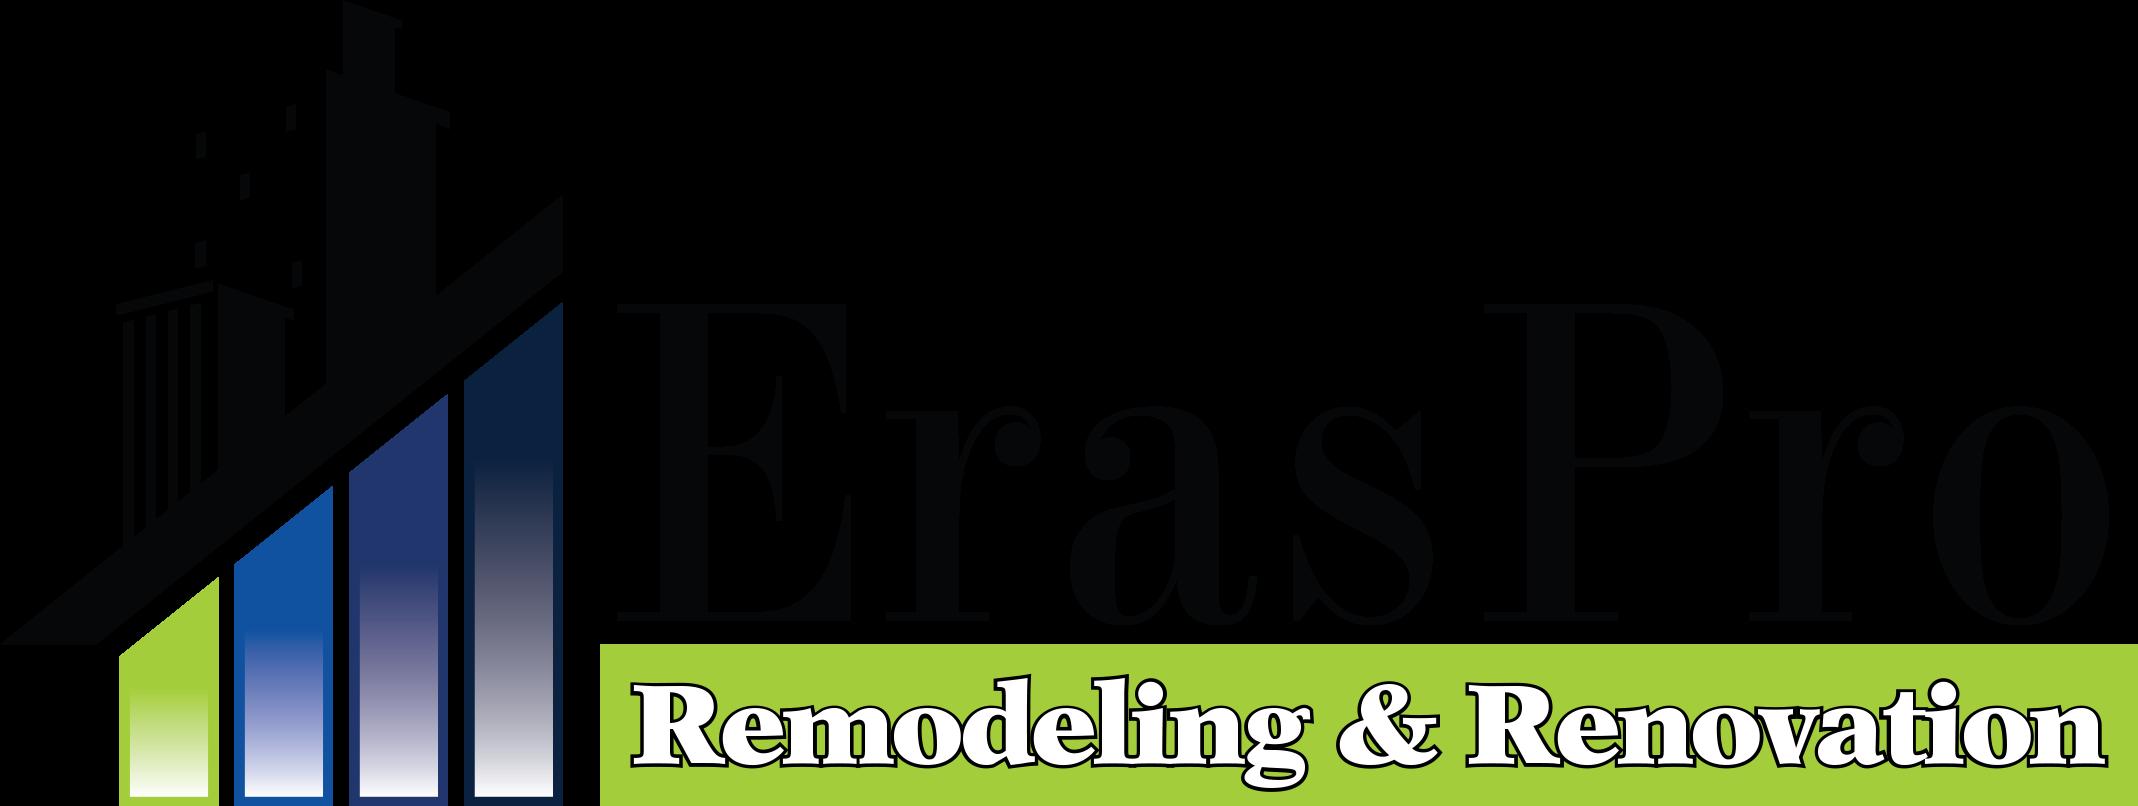 Eras Pro Remodeling & Renovation